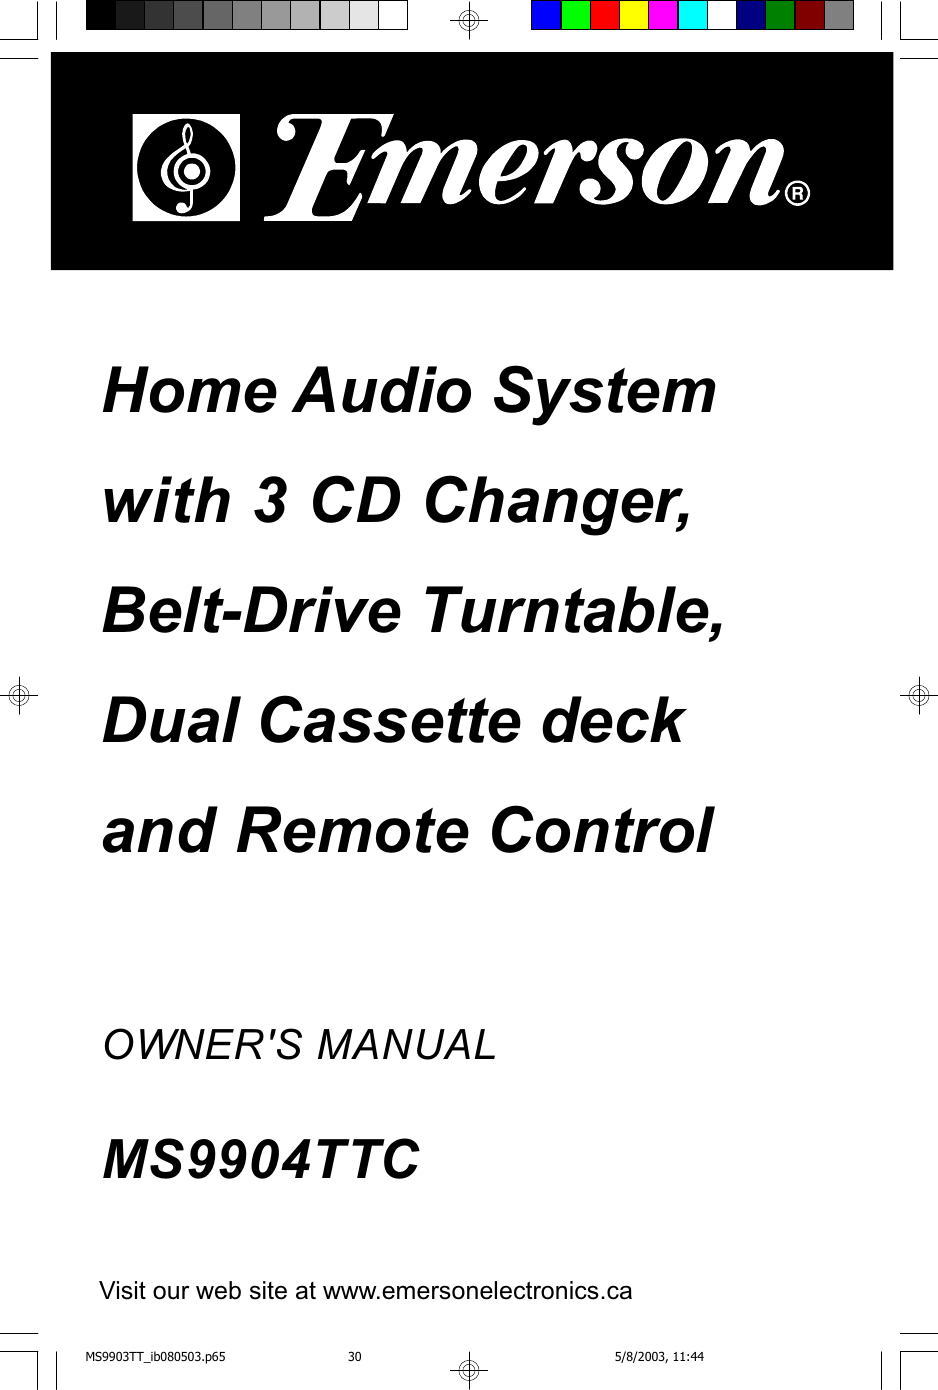 Emerson Ms9904Ttc Users Manual MS9903TTC gb new Add